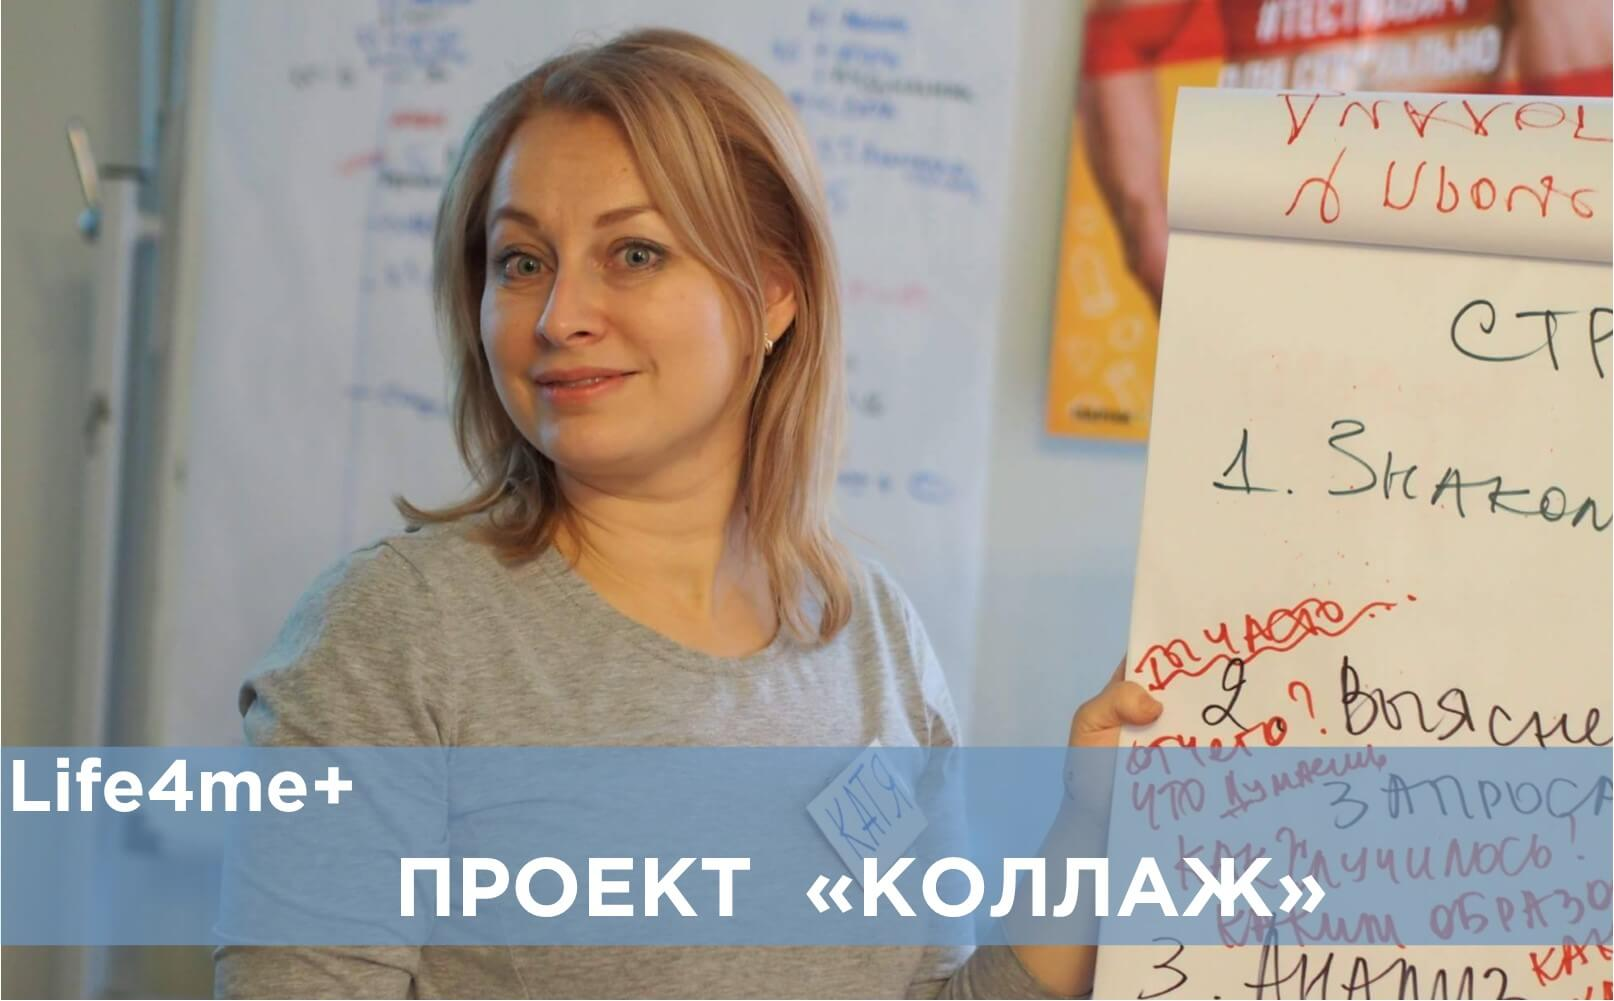 """Коллаж: """"Я мечтаю, чтобы ВИЧ-инфекция болела"""" - изображение 1"""